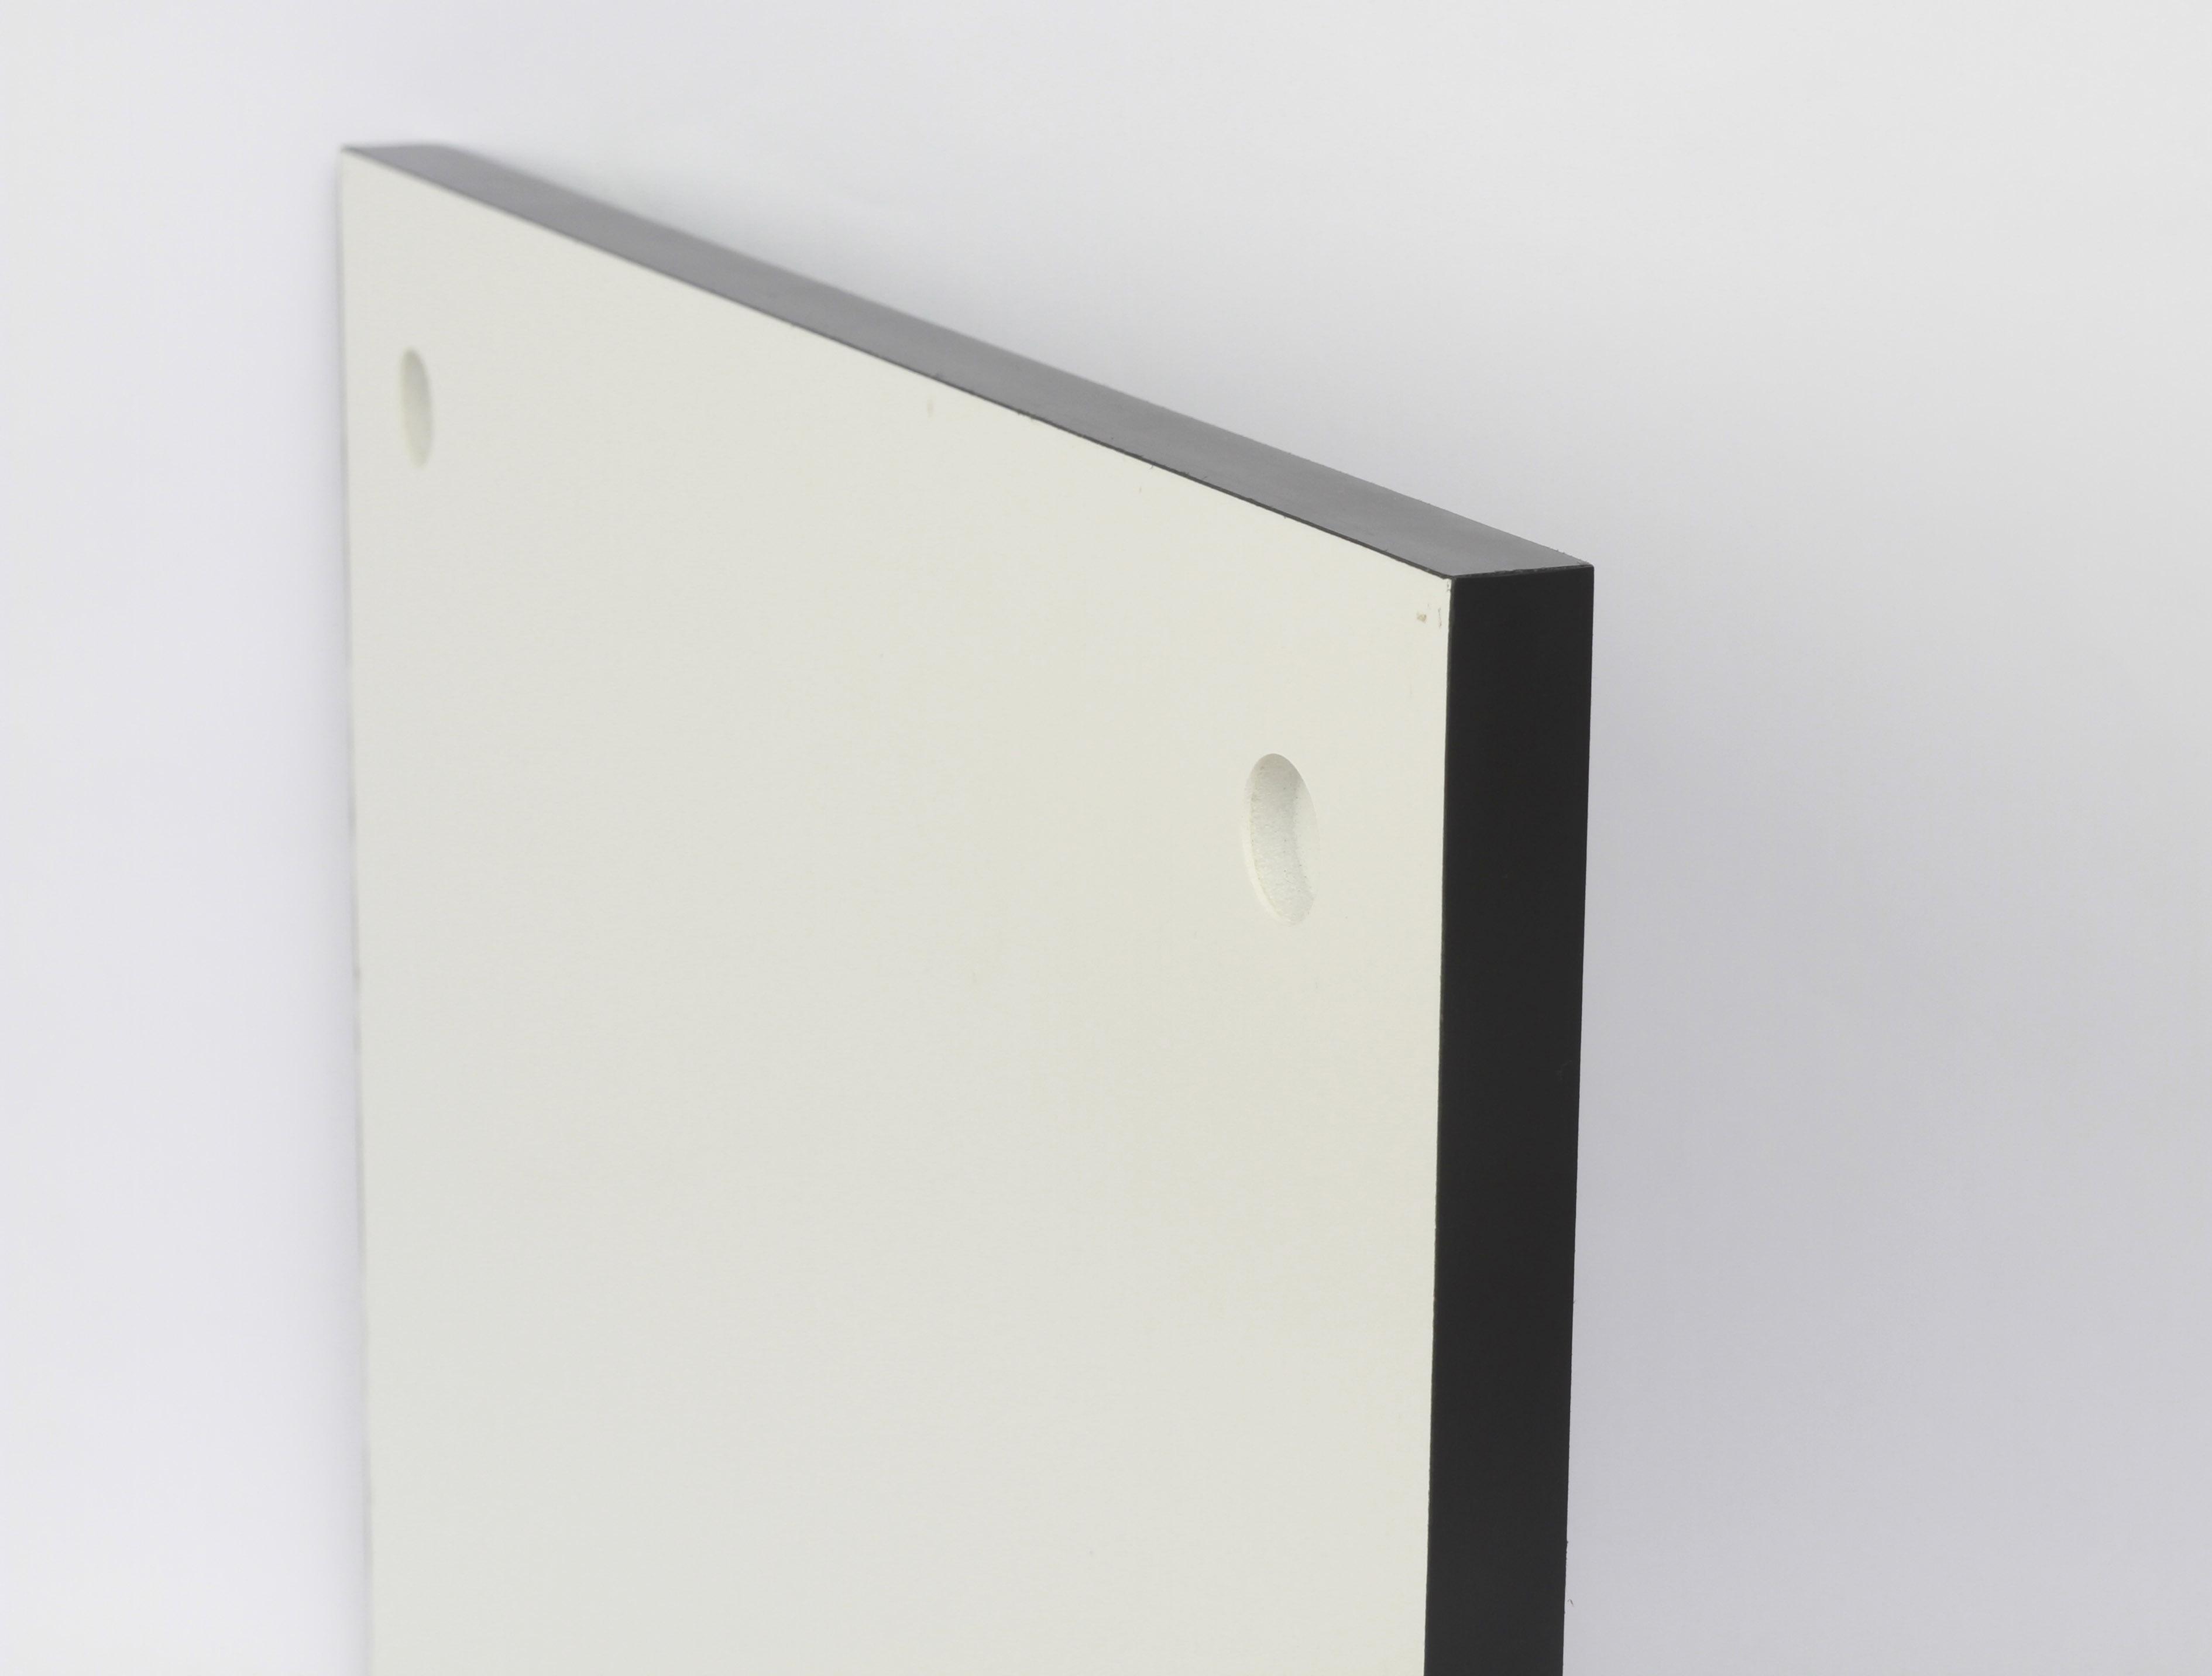 Panebloc - traseira (Canto branco ou negro)